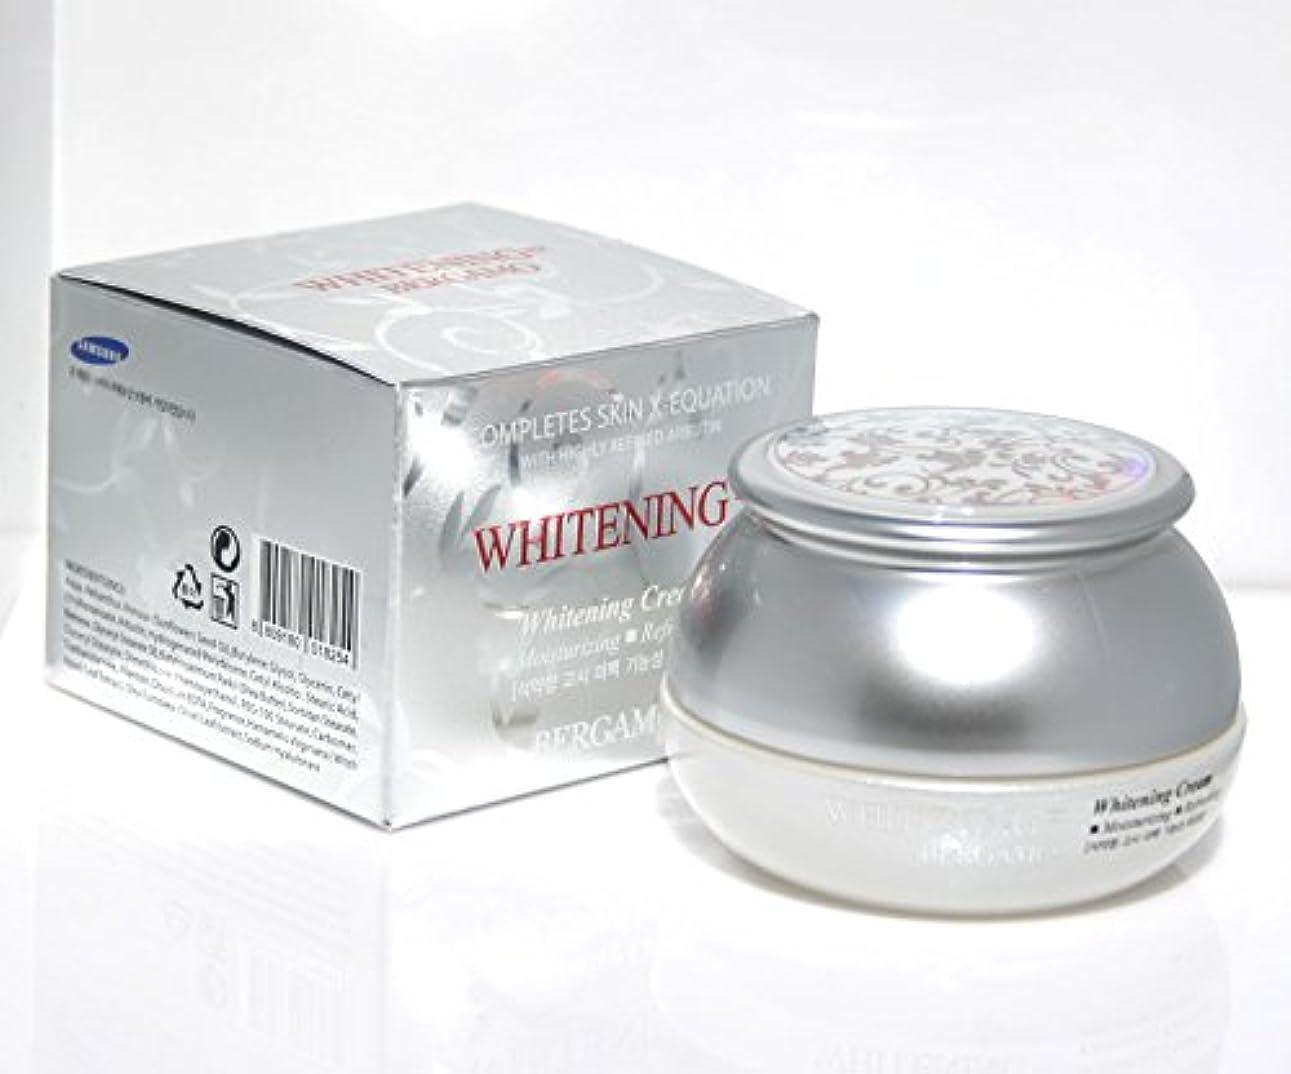 イヤホン支配する勇者【ベルガモ][Bergamo]  は、高度に精製アルブチンホワイトニング例クリーム50g /  Completes Skin X-equation with Highly Refined Albutin Whitening...